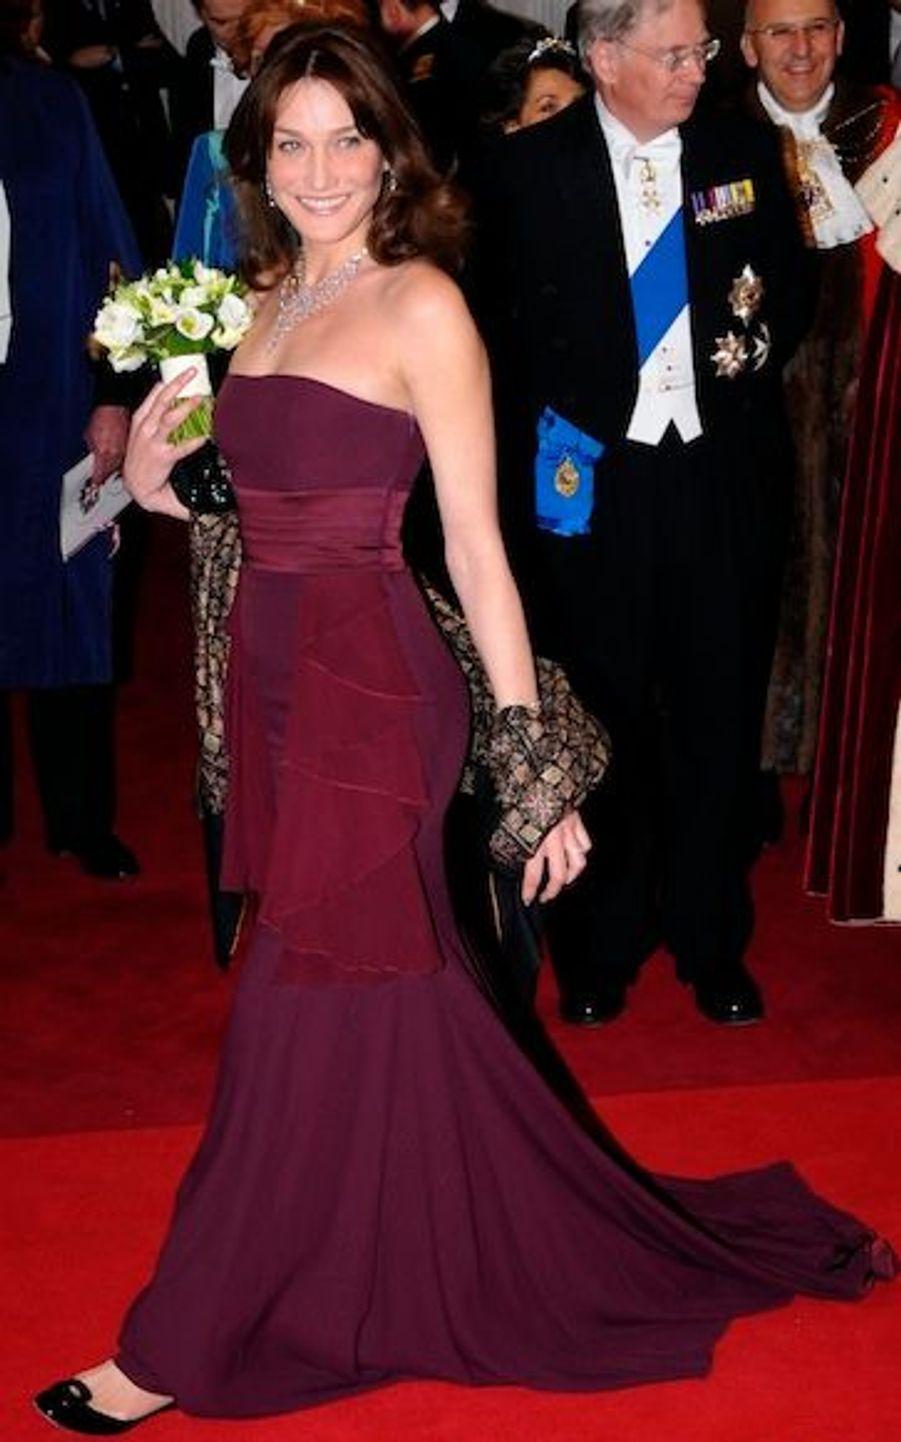 En tant qu'ambassadrice française, Carla Bruni-Sarkozy est restée en Dior le soir pour lebanquet des Windsor.